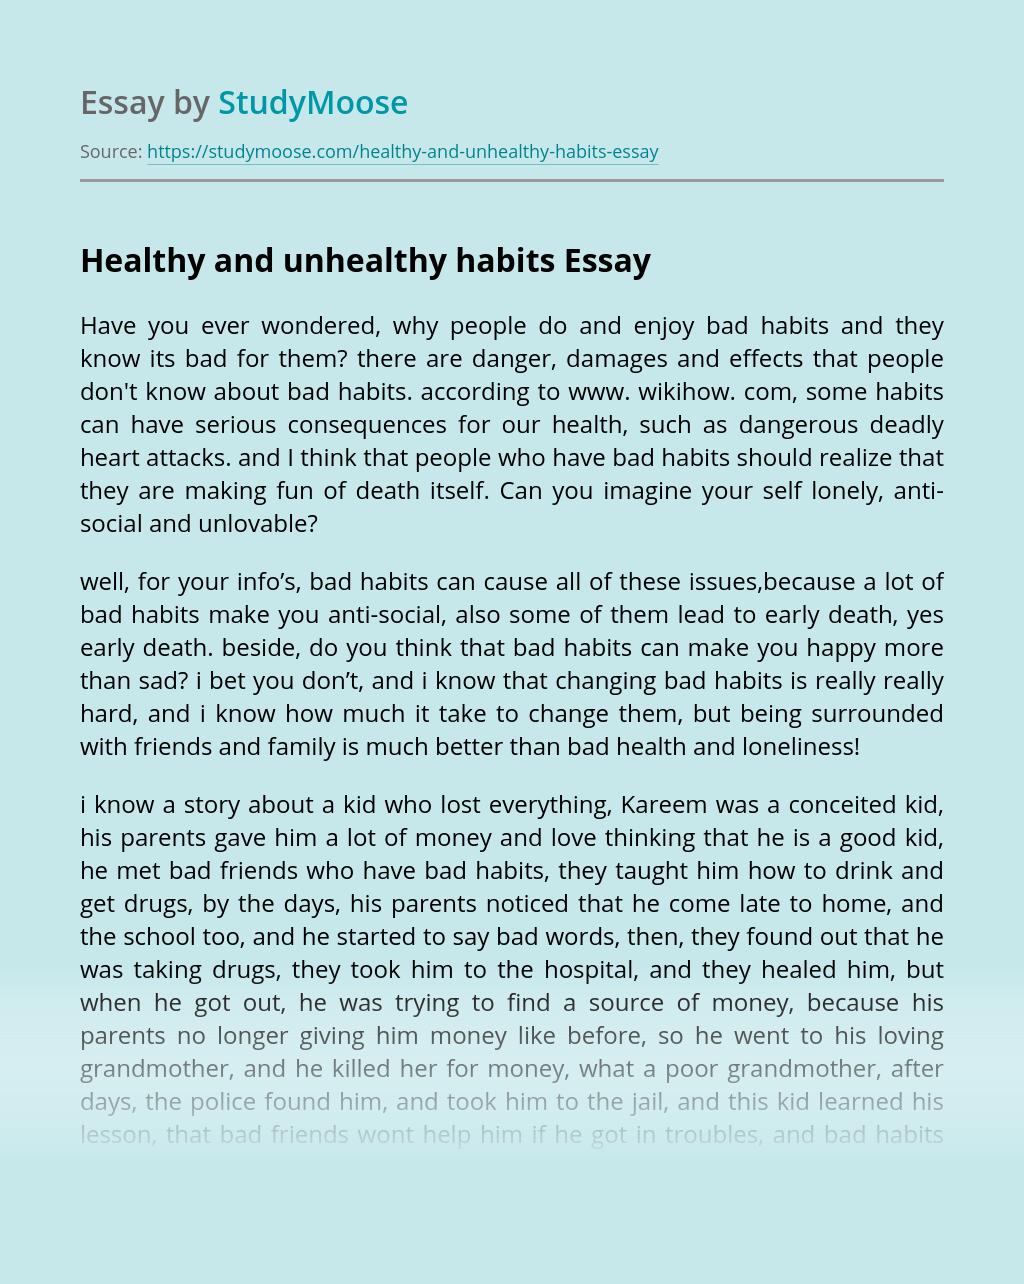 Healthy and unhealthy habits